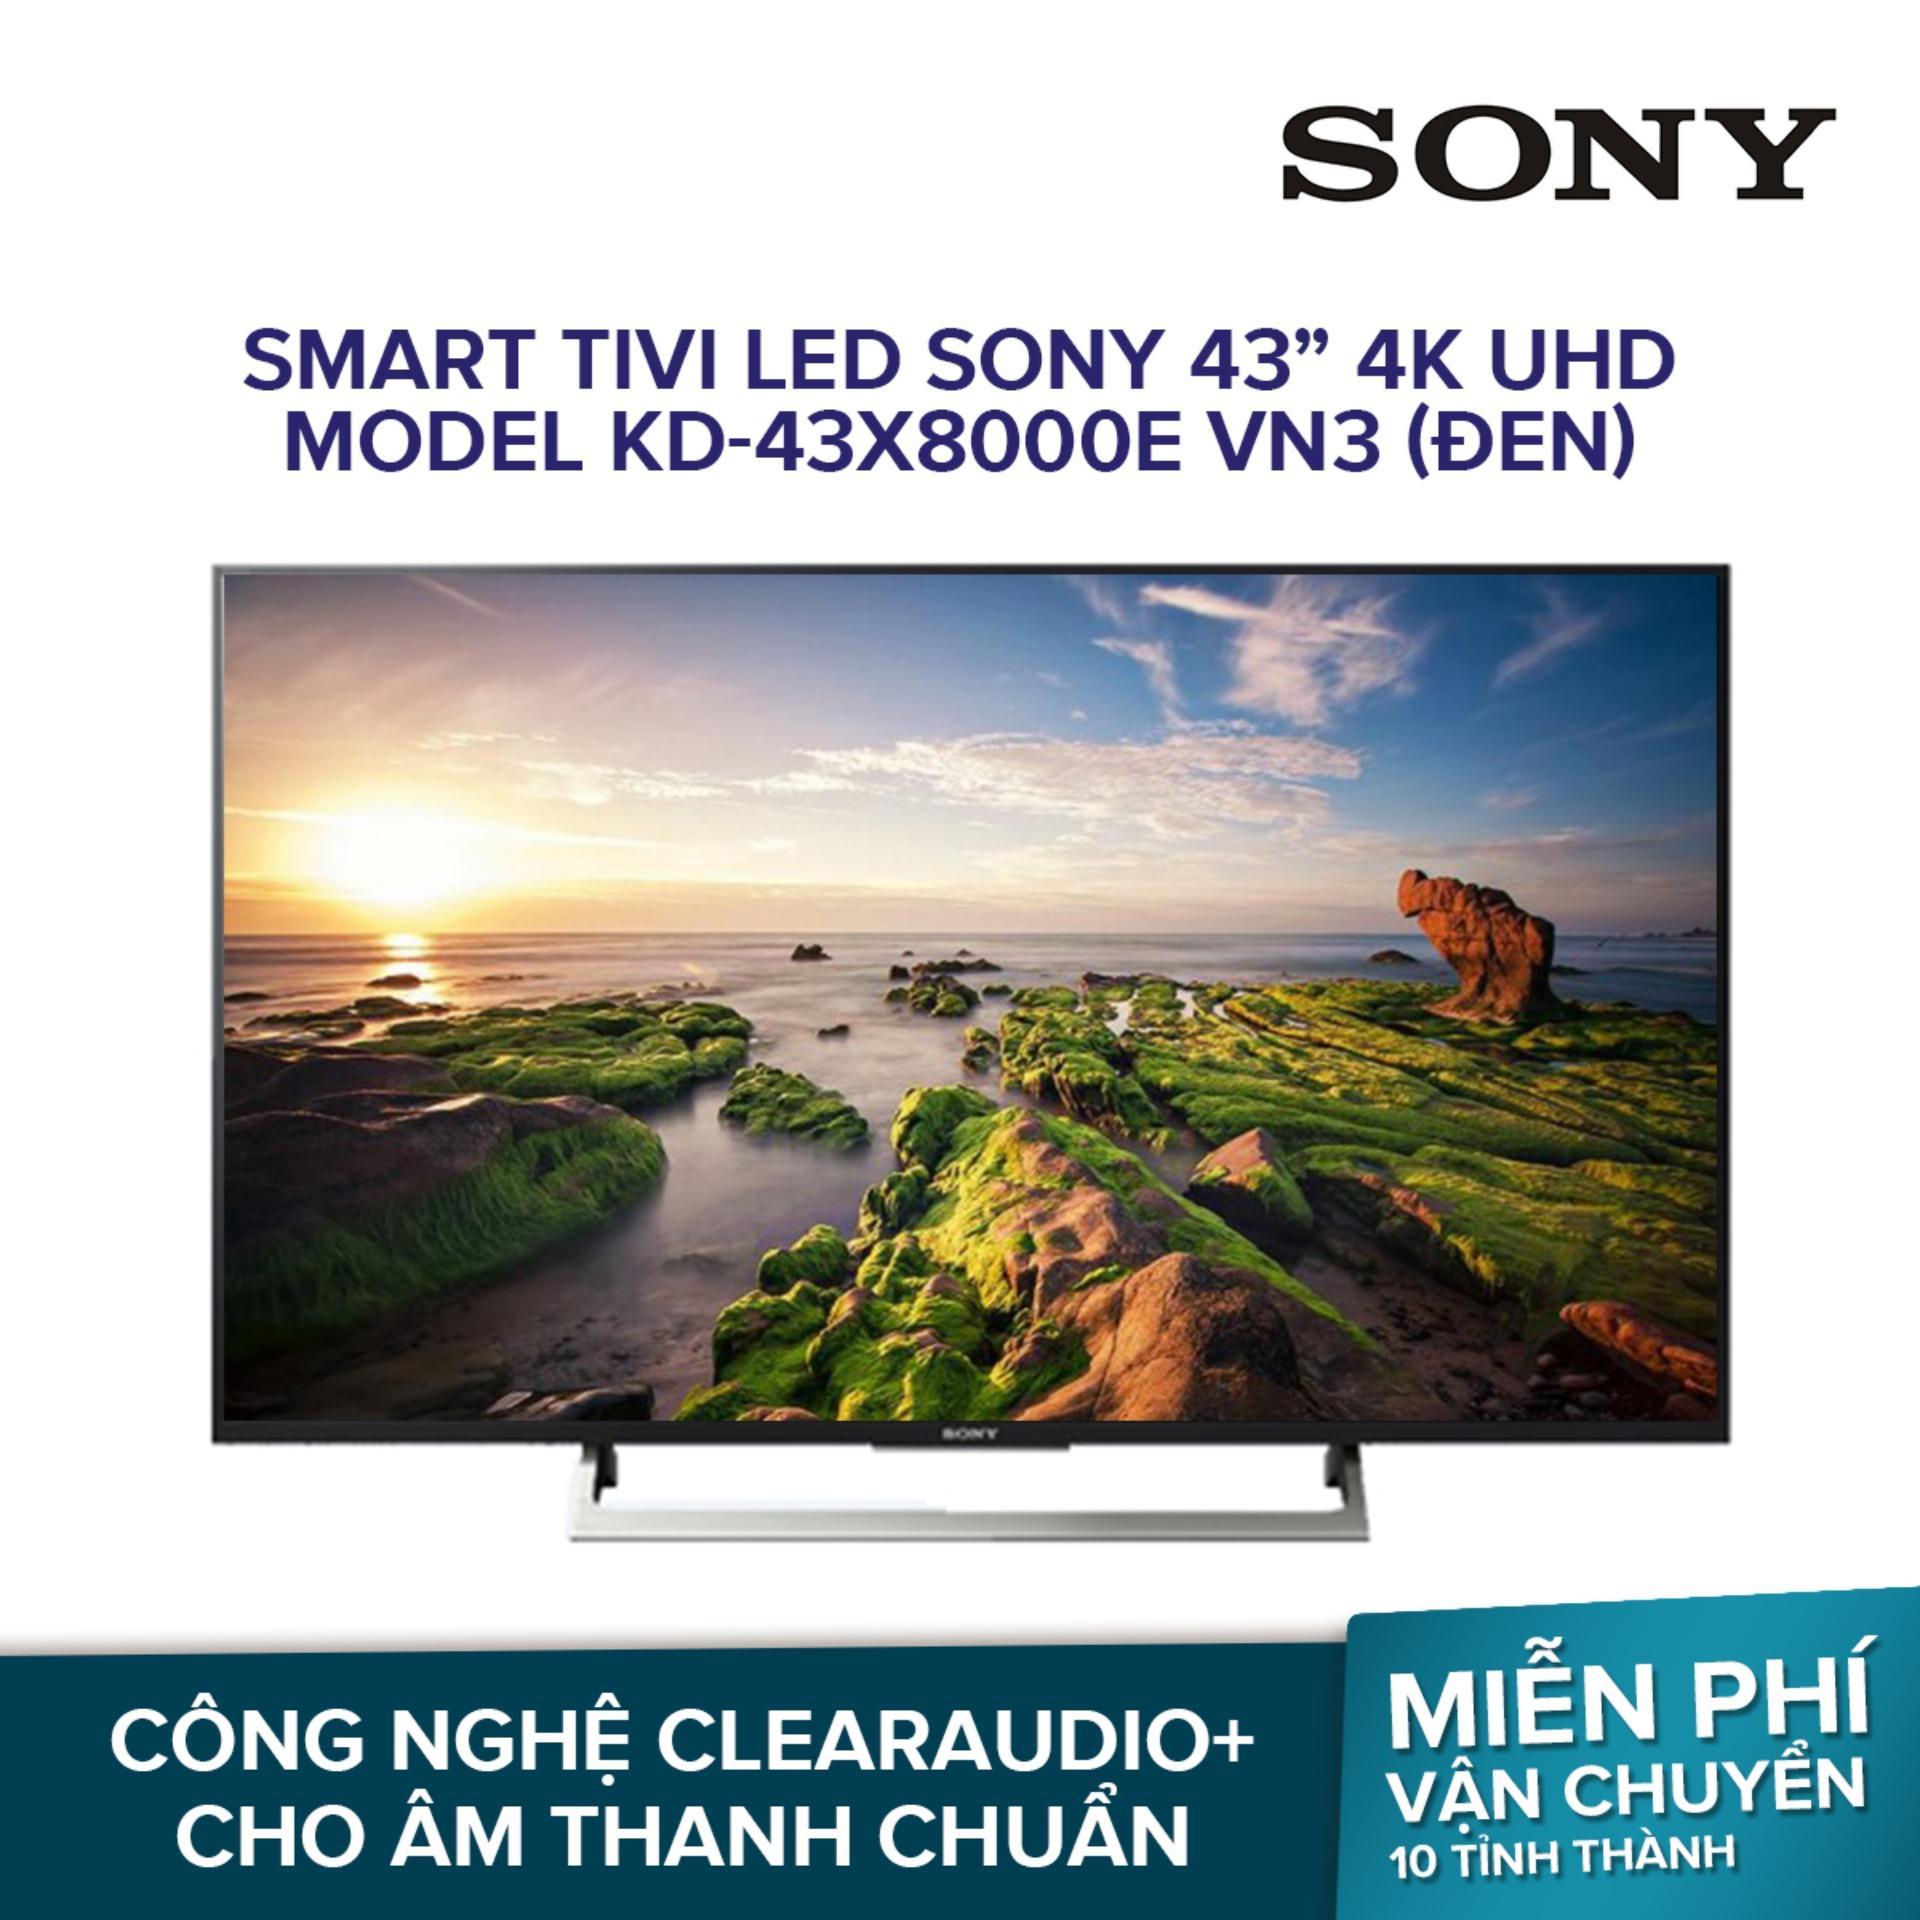 Smart Tivi LED Sony 43inch 4K UHD - Model KD-43X8000E VN3 (Đen)